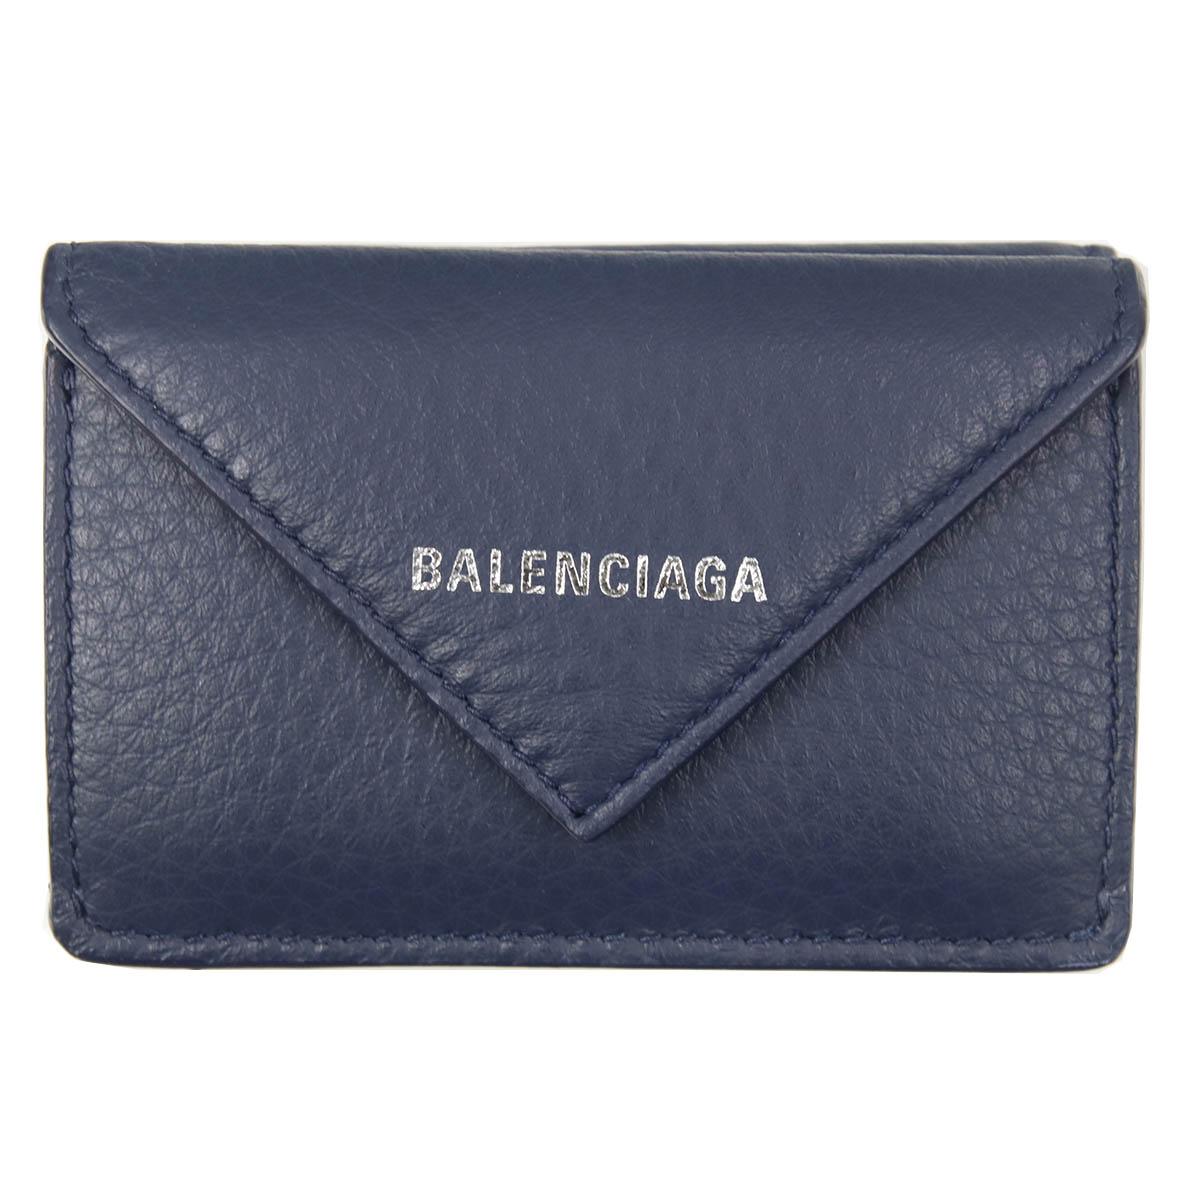 バレンシアガ balenciaga 財布 三つ折り財布 ミニ財布 レザー 本革 レディース ペーパーウォレット ミニウォレット ネイビー 391446 DLQ0N 4222 正規品 セール 2018 シンプル 母の日ギフトブランド